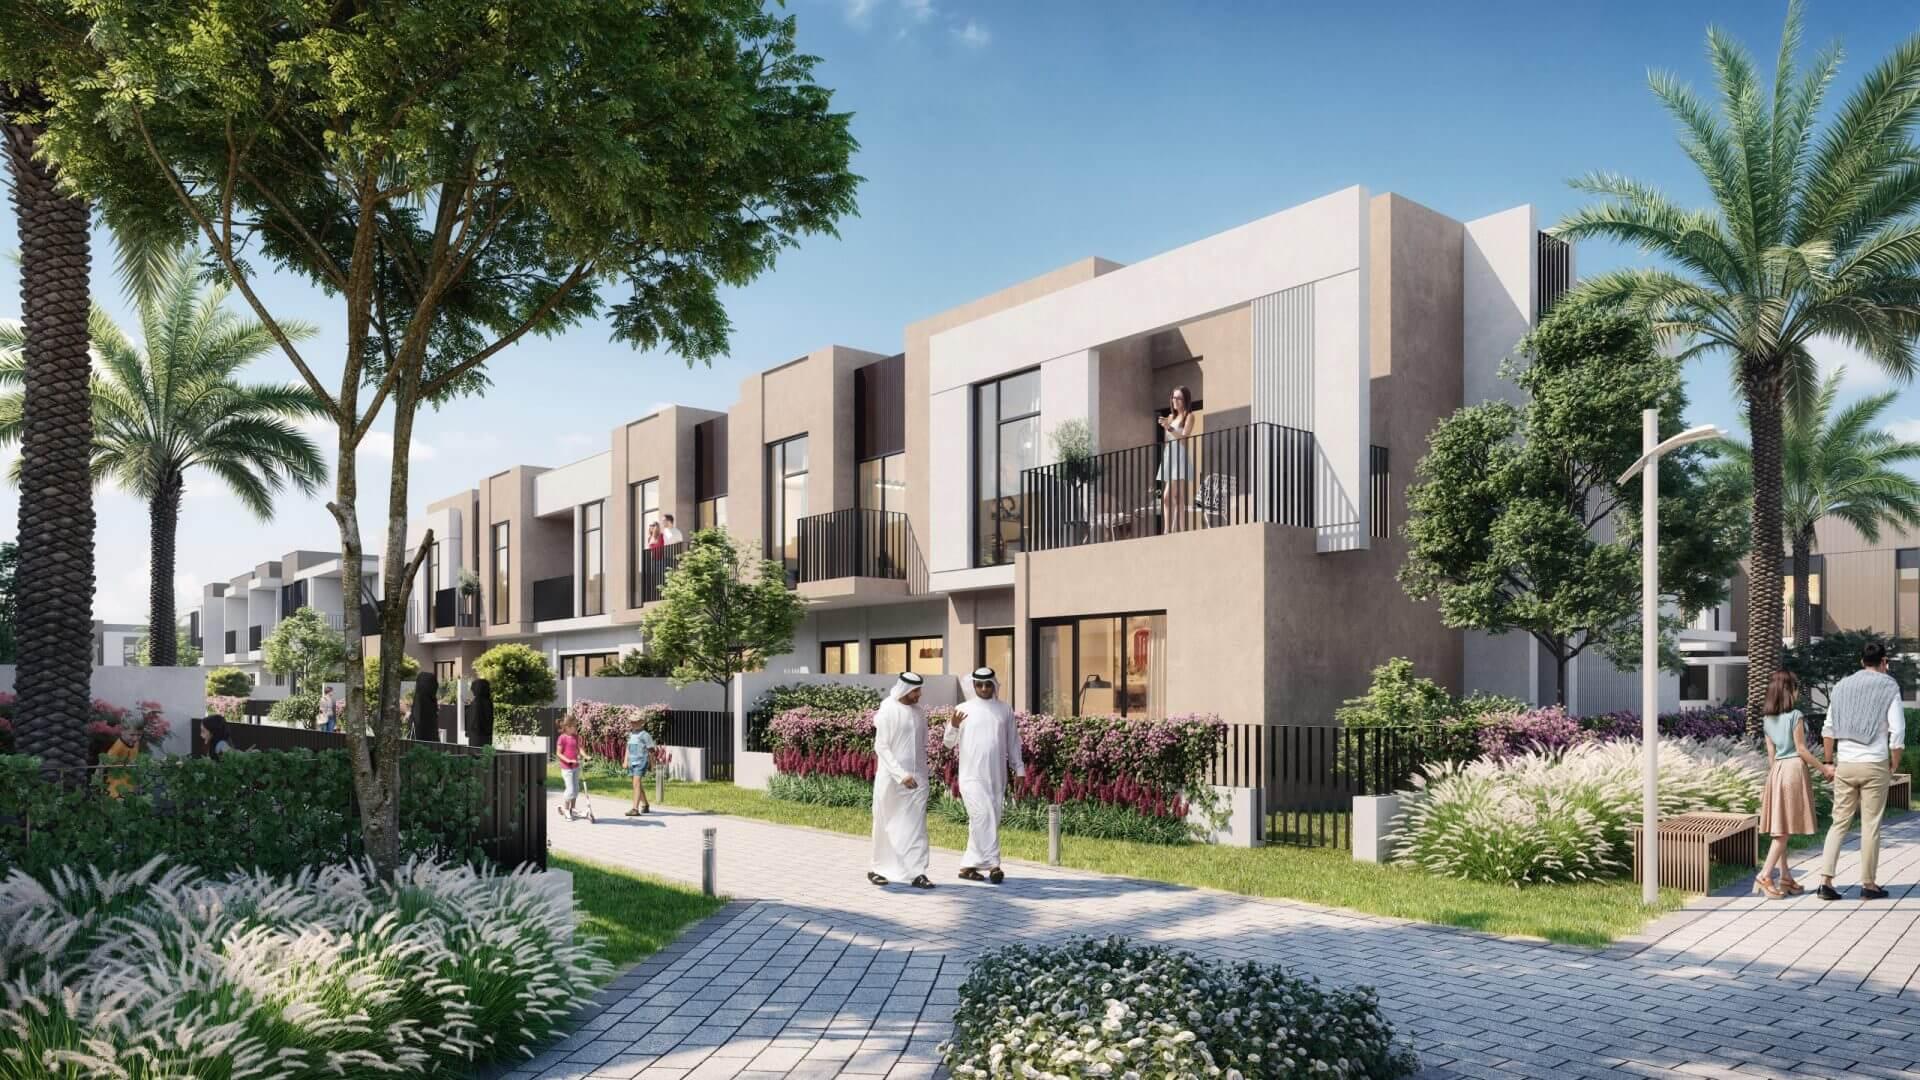 Villa en venta en Dubai, EAU, 4 dormitorios, 228 m2, № 24256 – foto 3